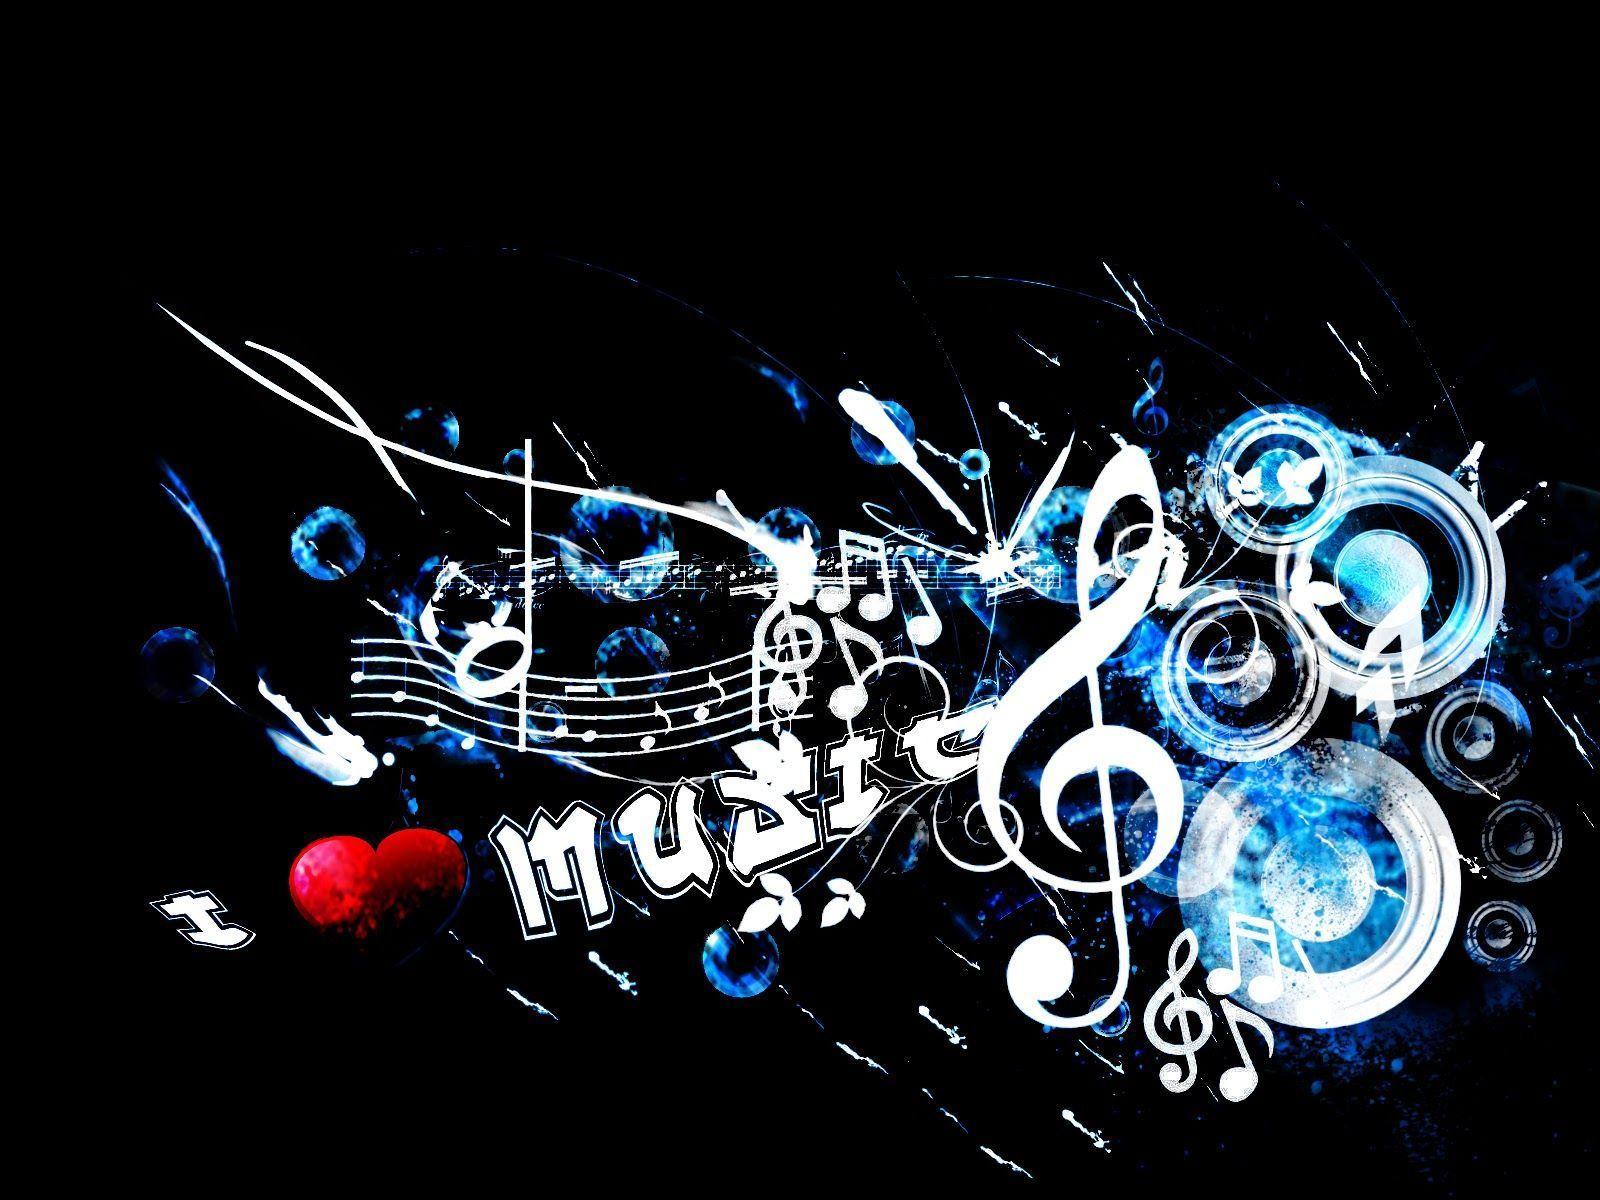 Музыкальный рай картинки